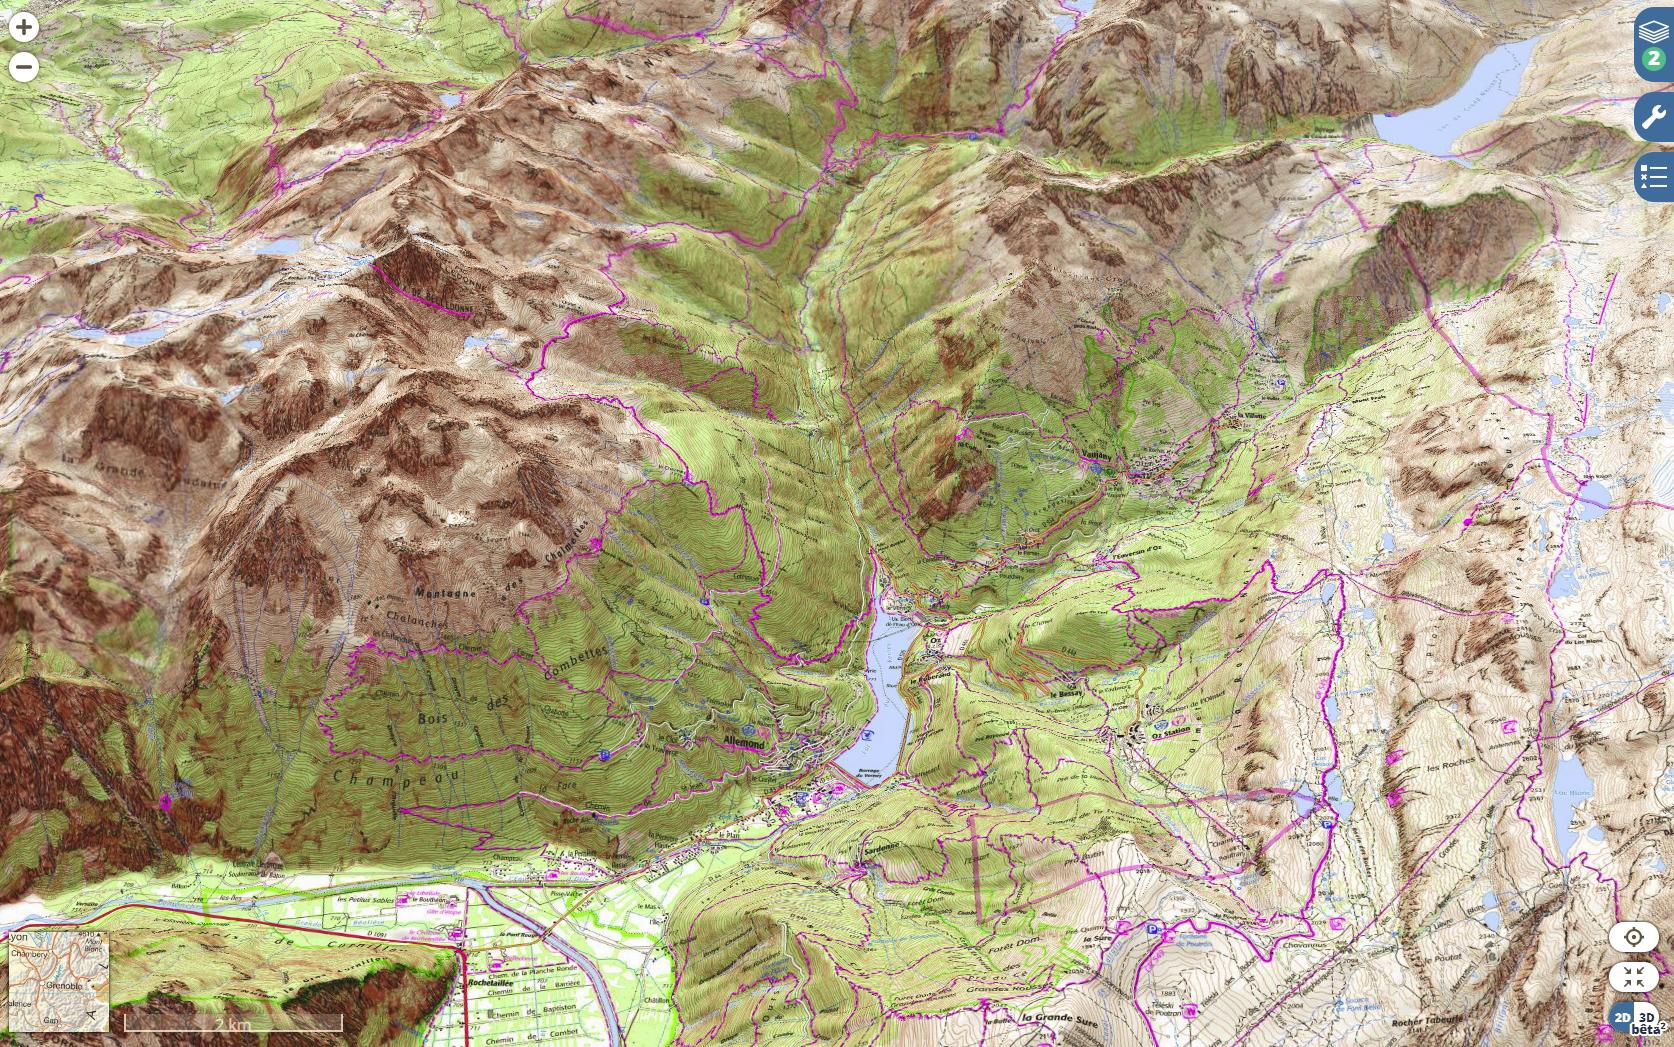 La carte topographique de l'IGN en 3D